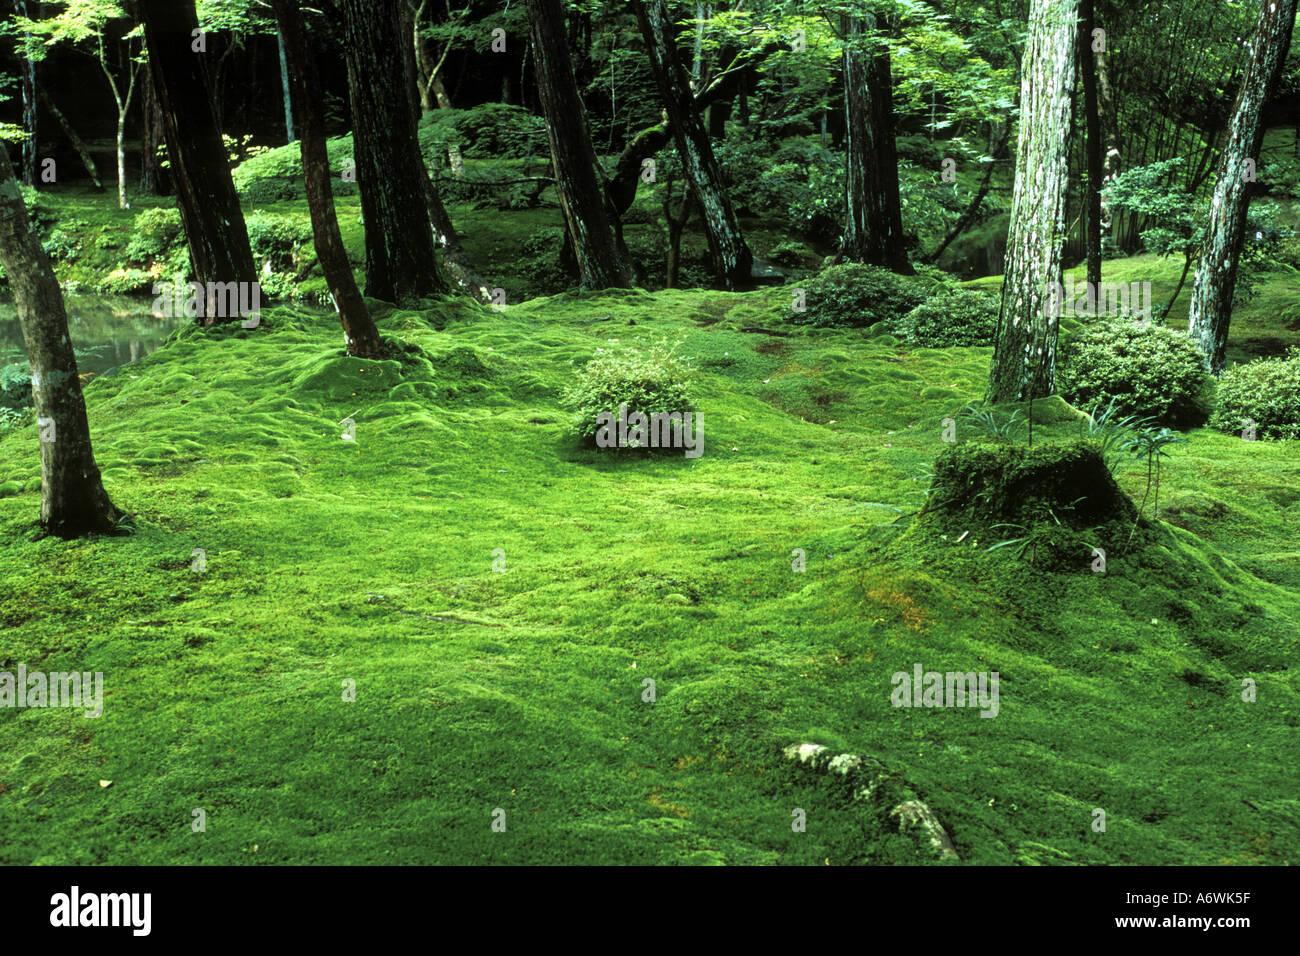 Moos tempel kokedera saihoji kyoto japan stockfoto - Moosgarten kyoto ...